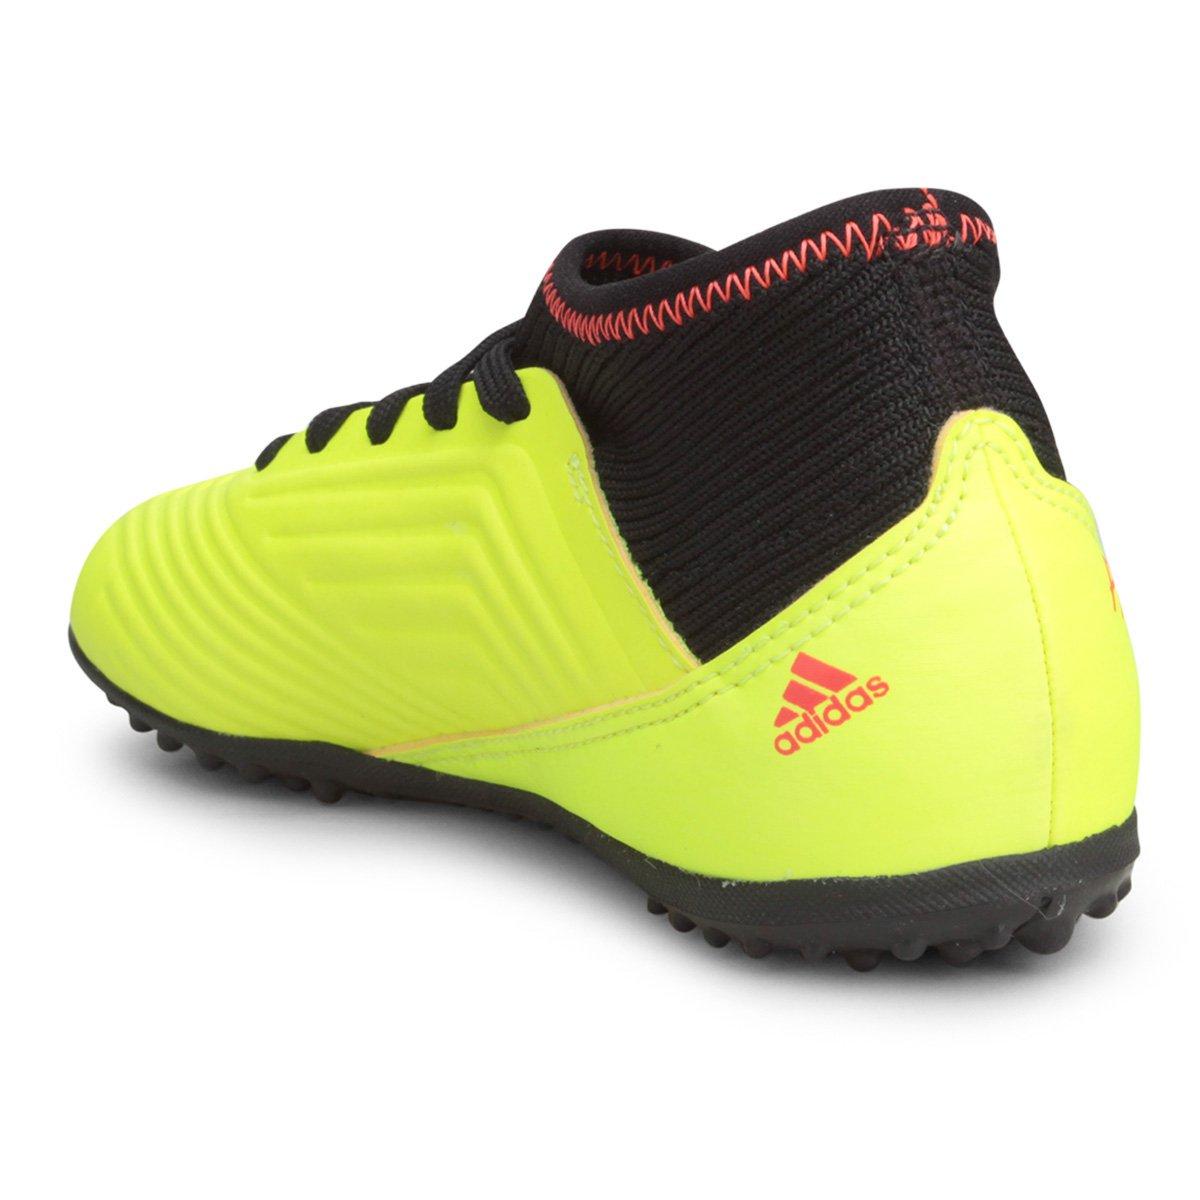 4d409ac53b Chuteira Society Infantil Adidas Predator 18 3 TF - Compre Agora ...